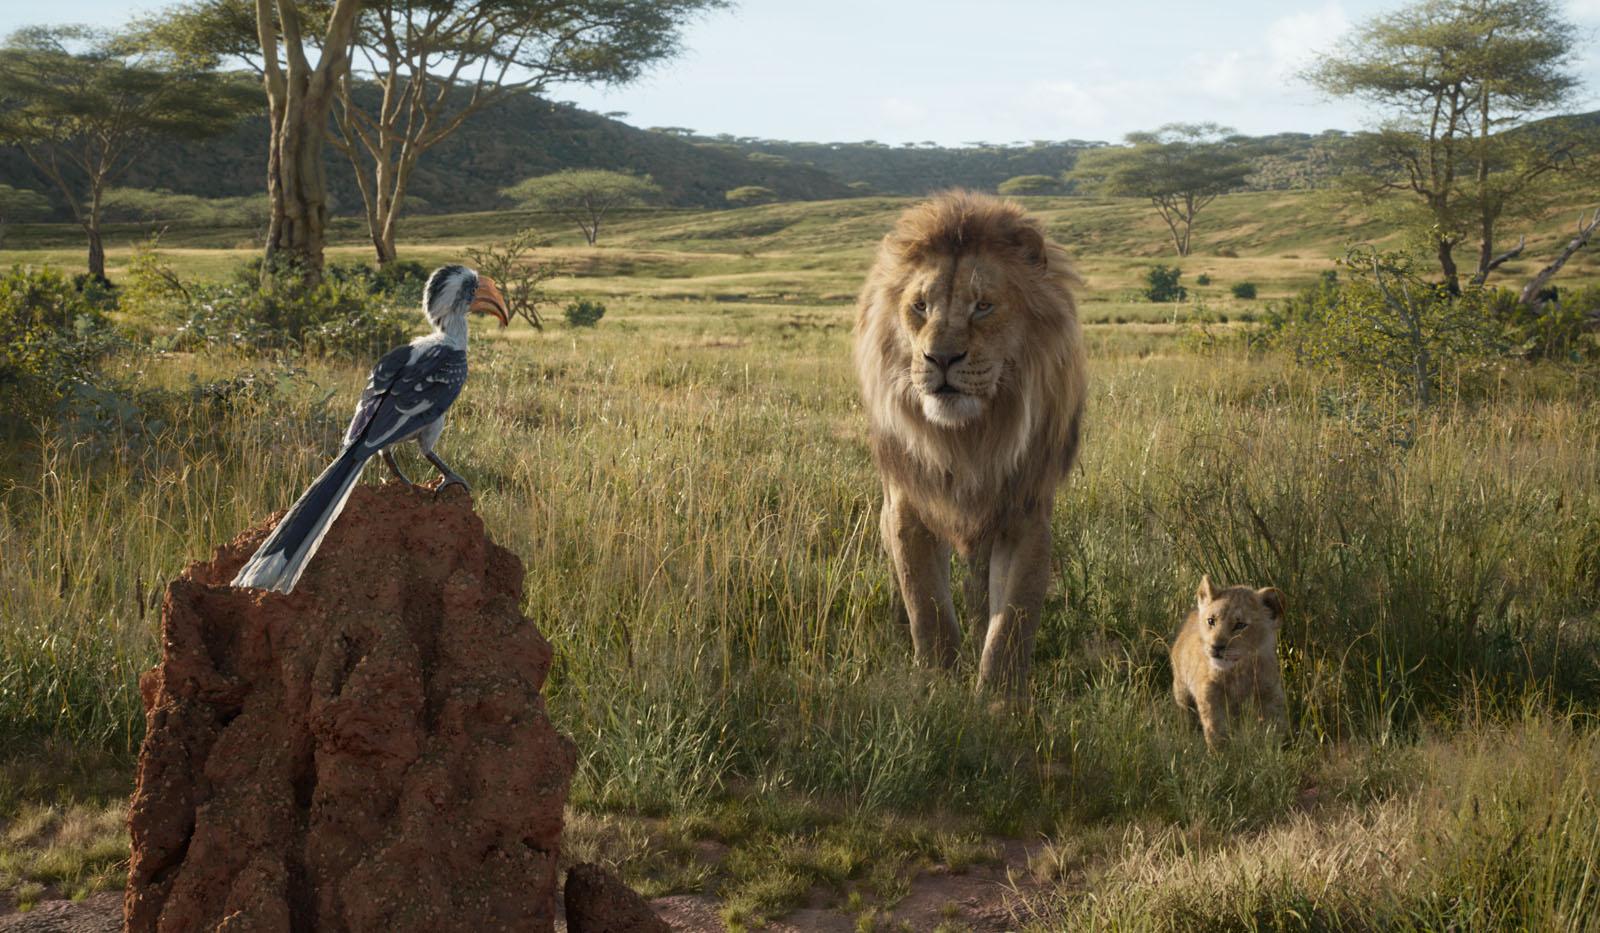 Le Roi Lion film critique